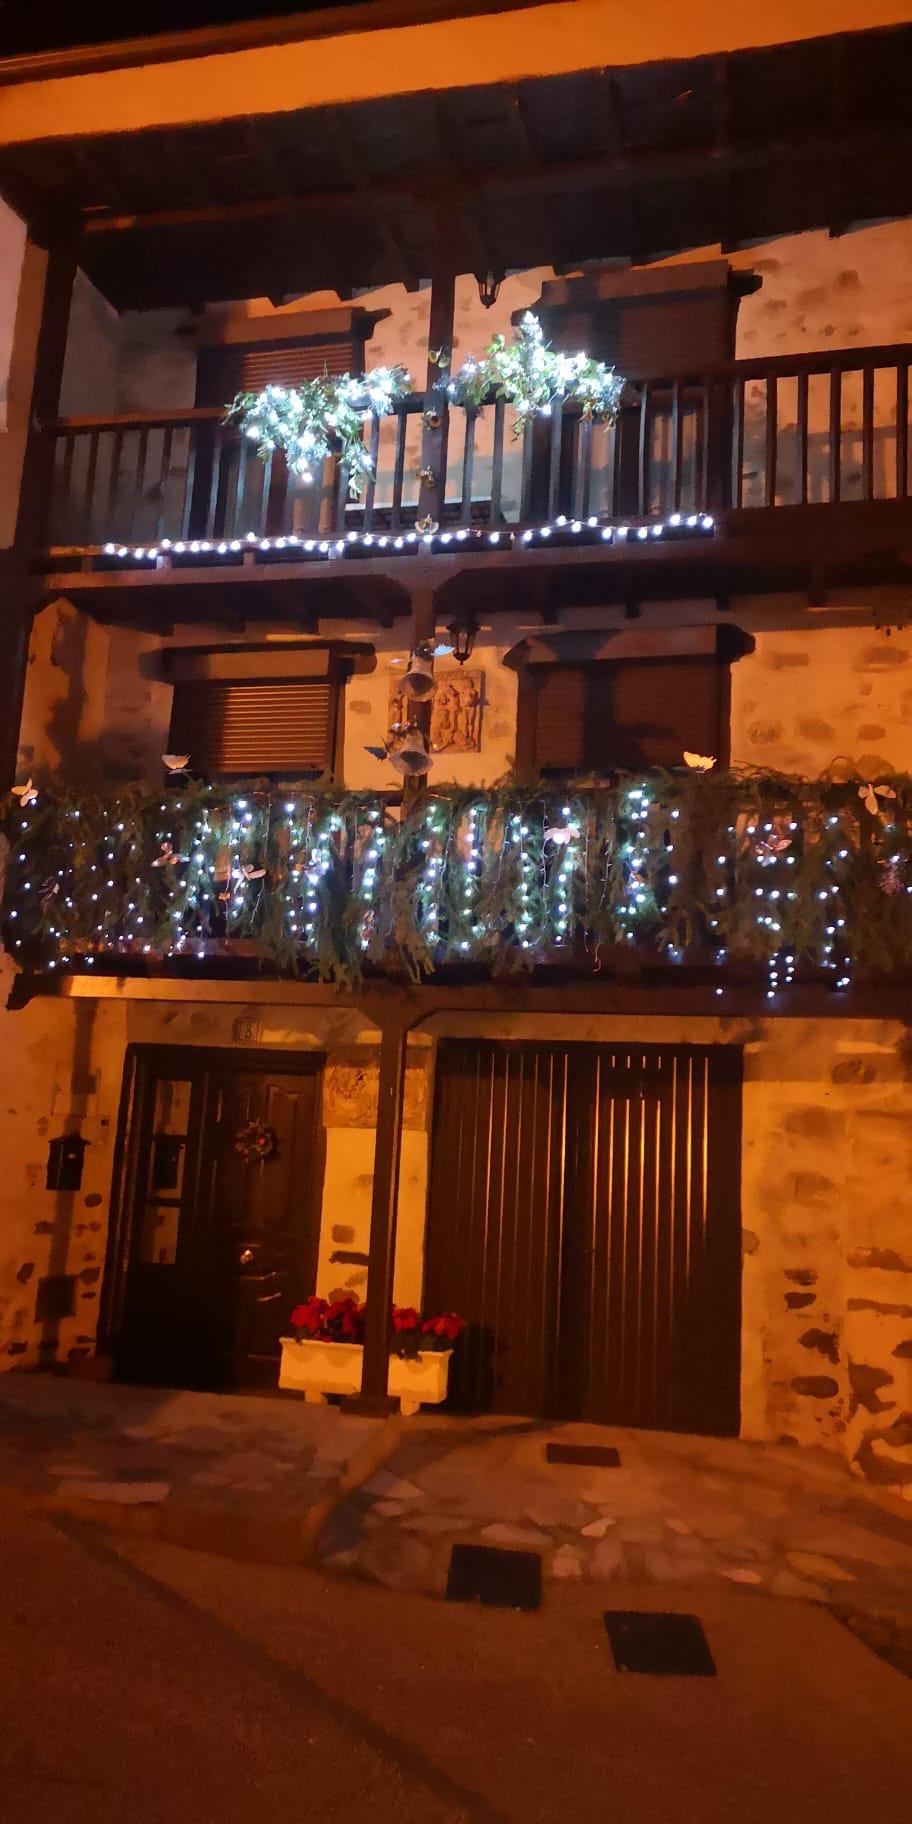 Ganadores del concurso de decoración navideña conjunta de Molinaseca y Villafranca 5